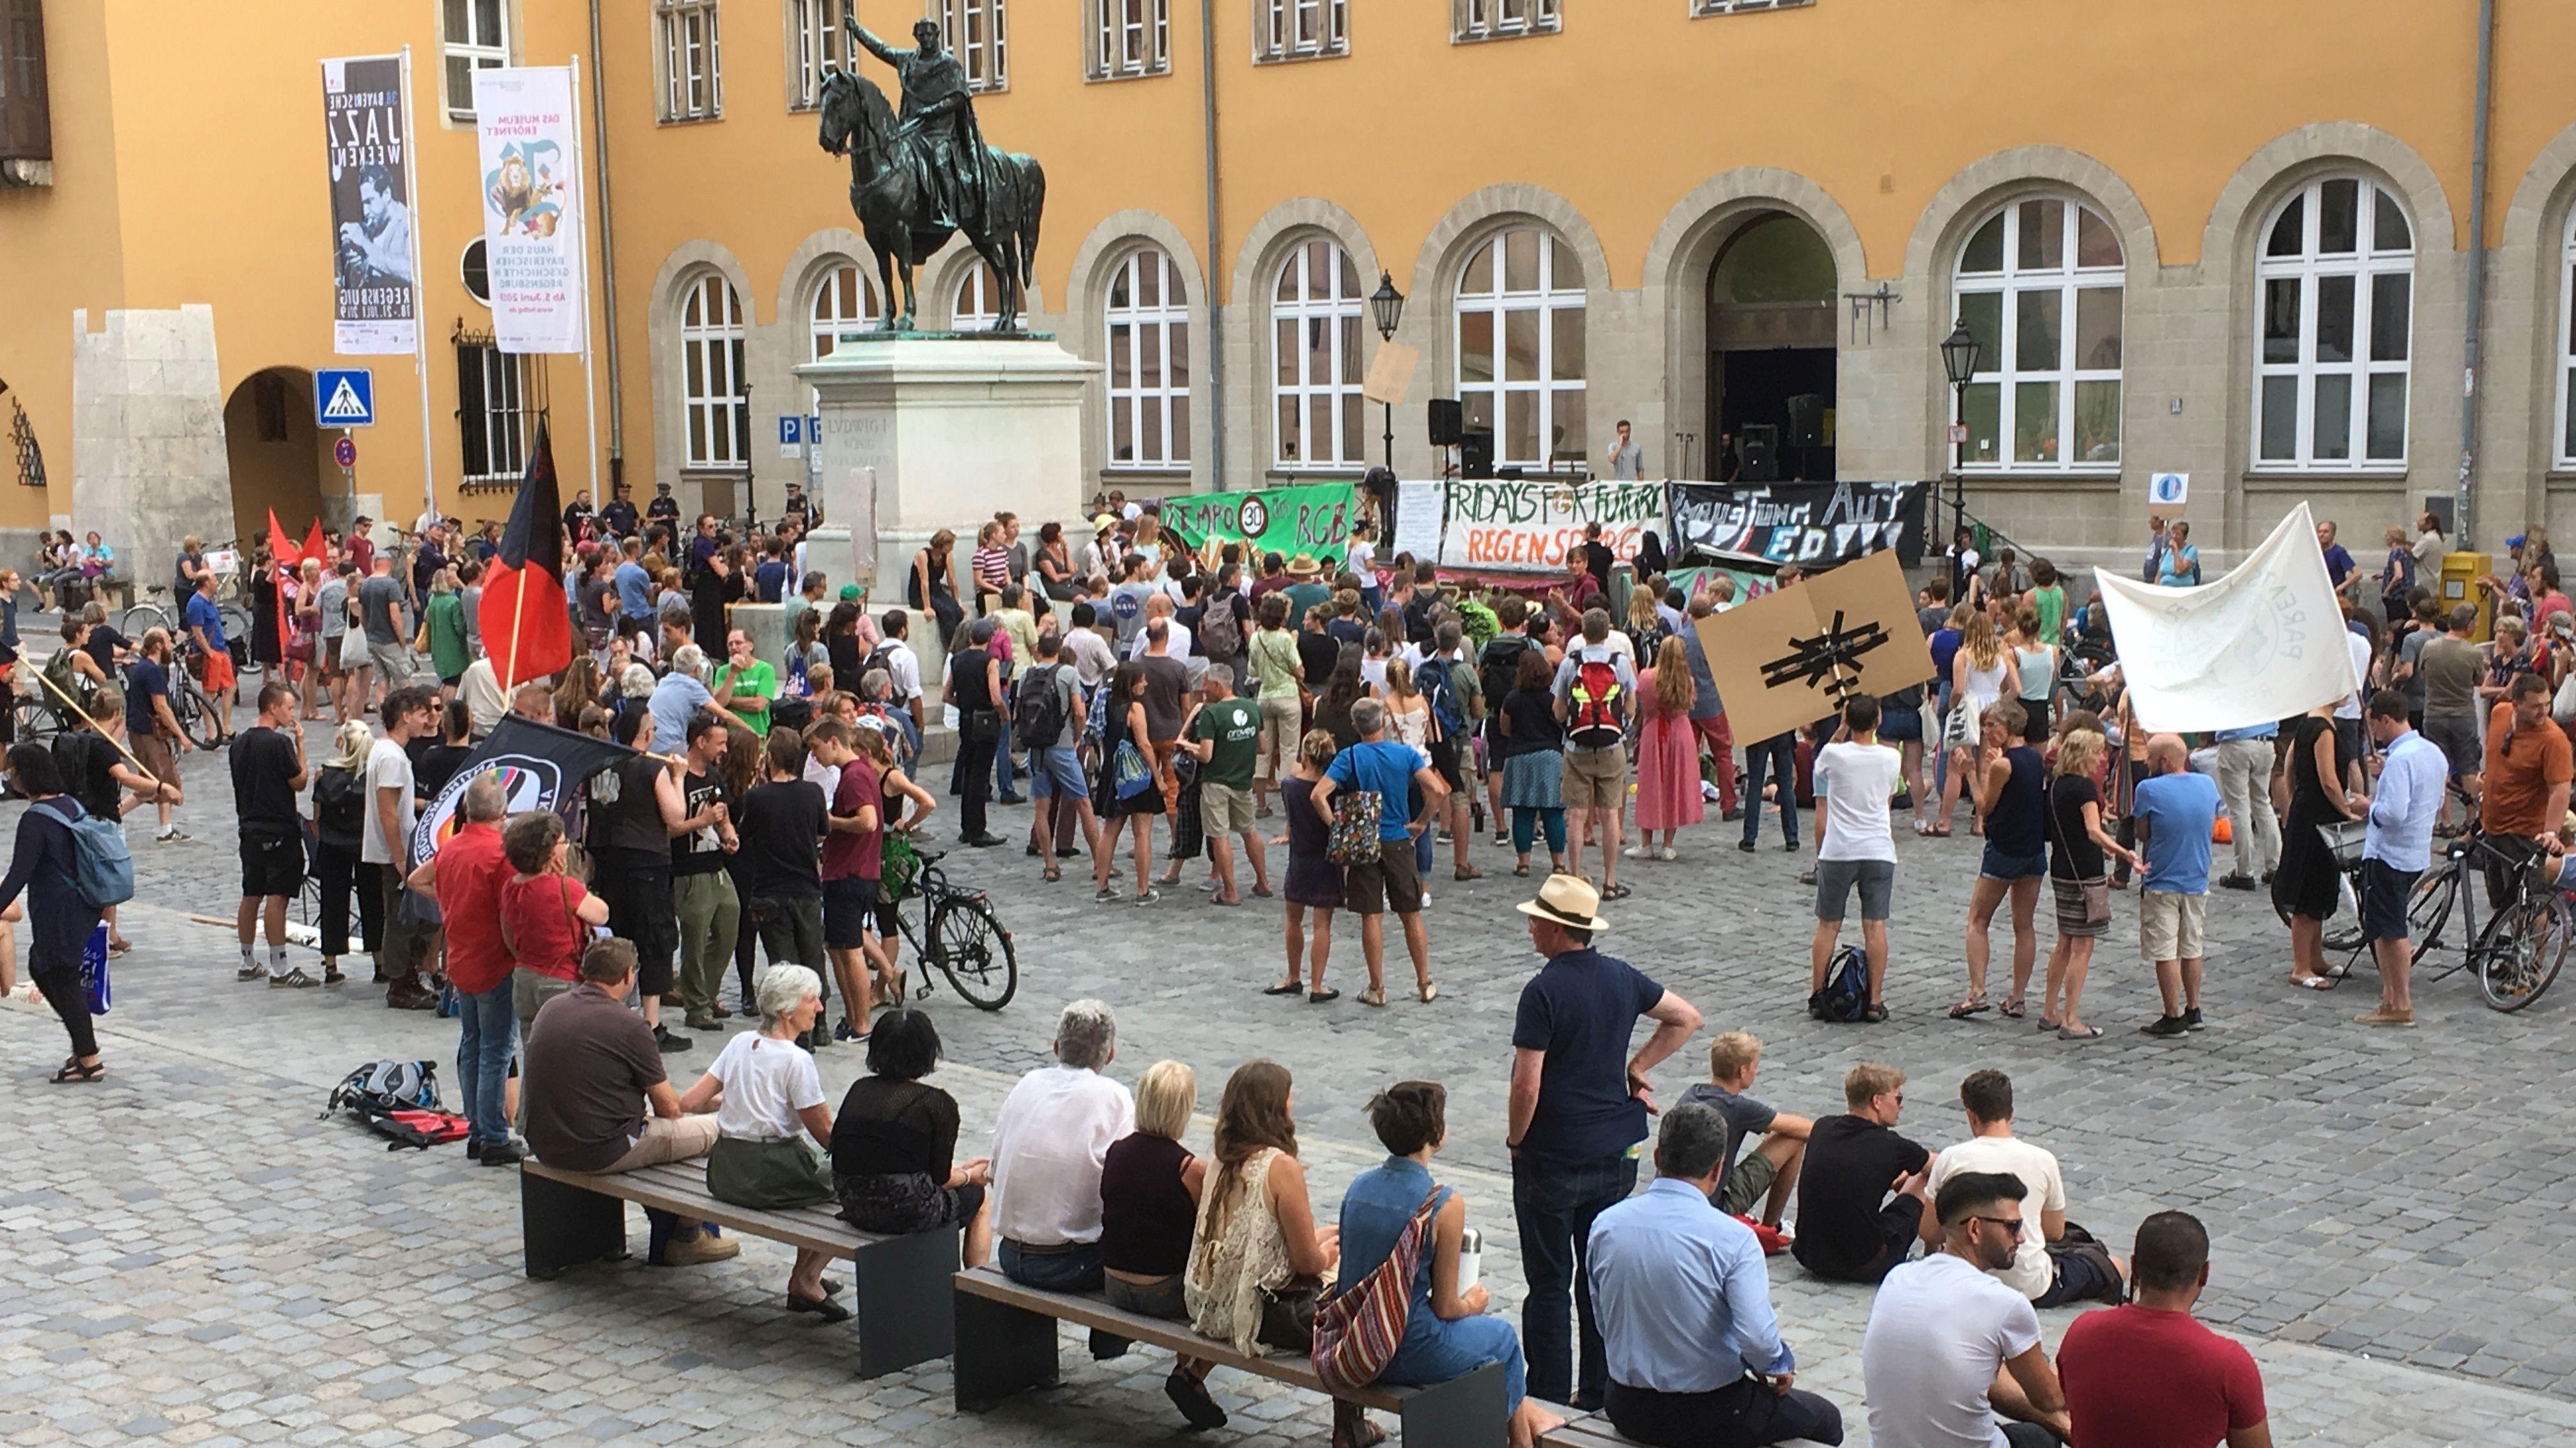 Mit einem Sternmarsch zogen die Demonstranten zum Domplatz zur Kundgebung